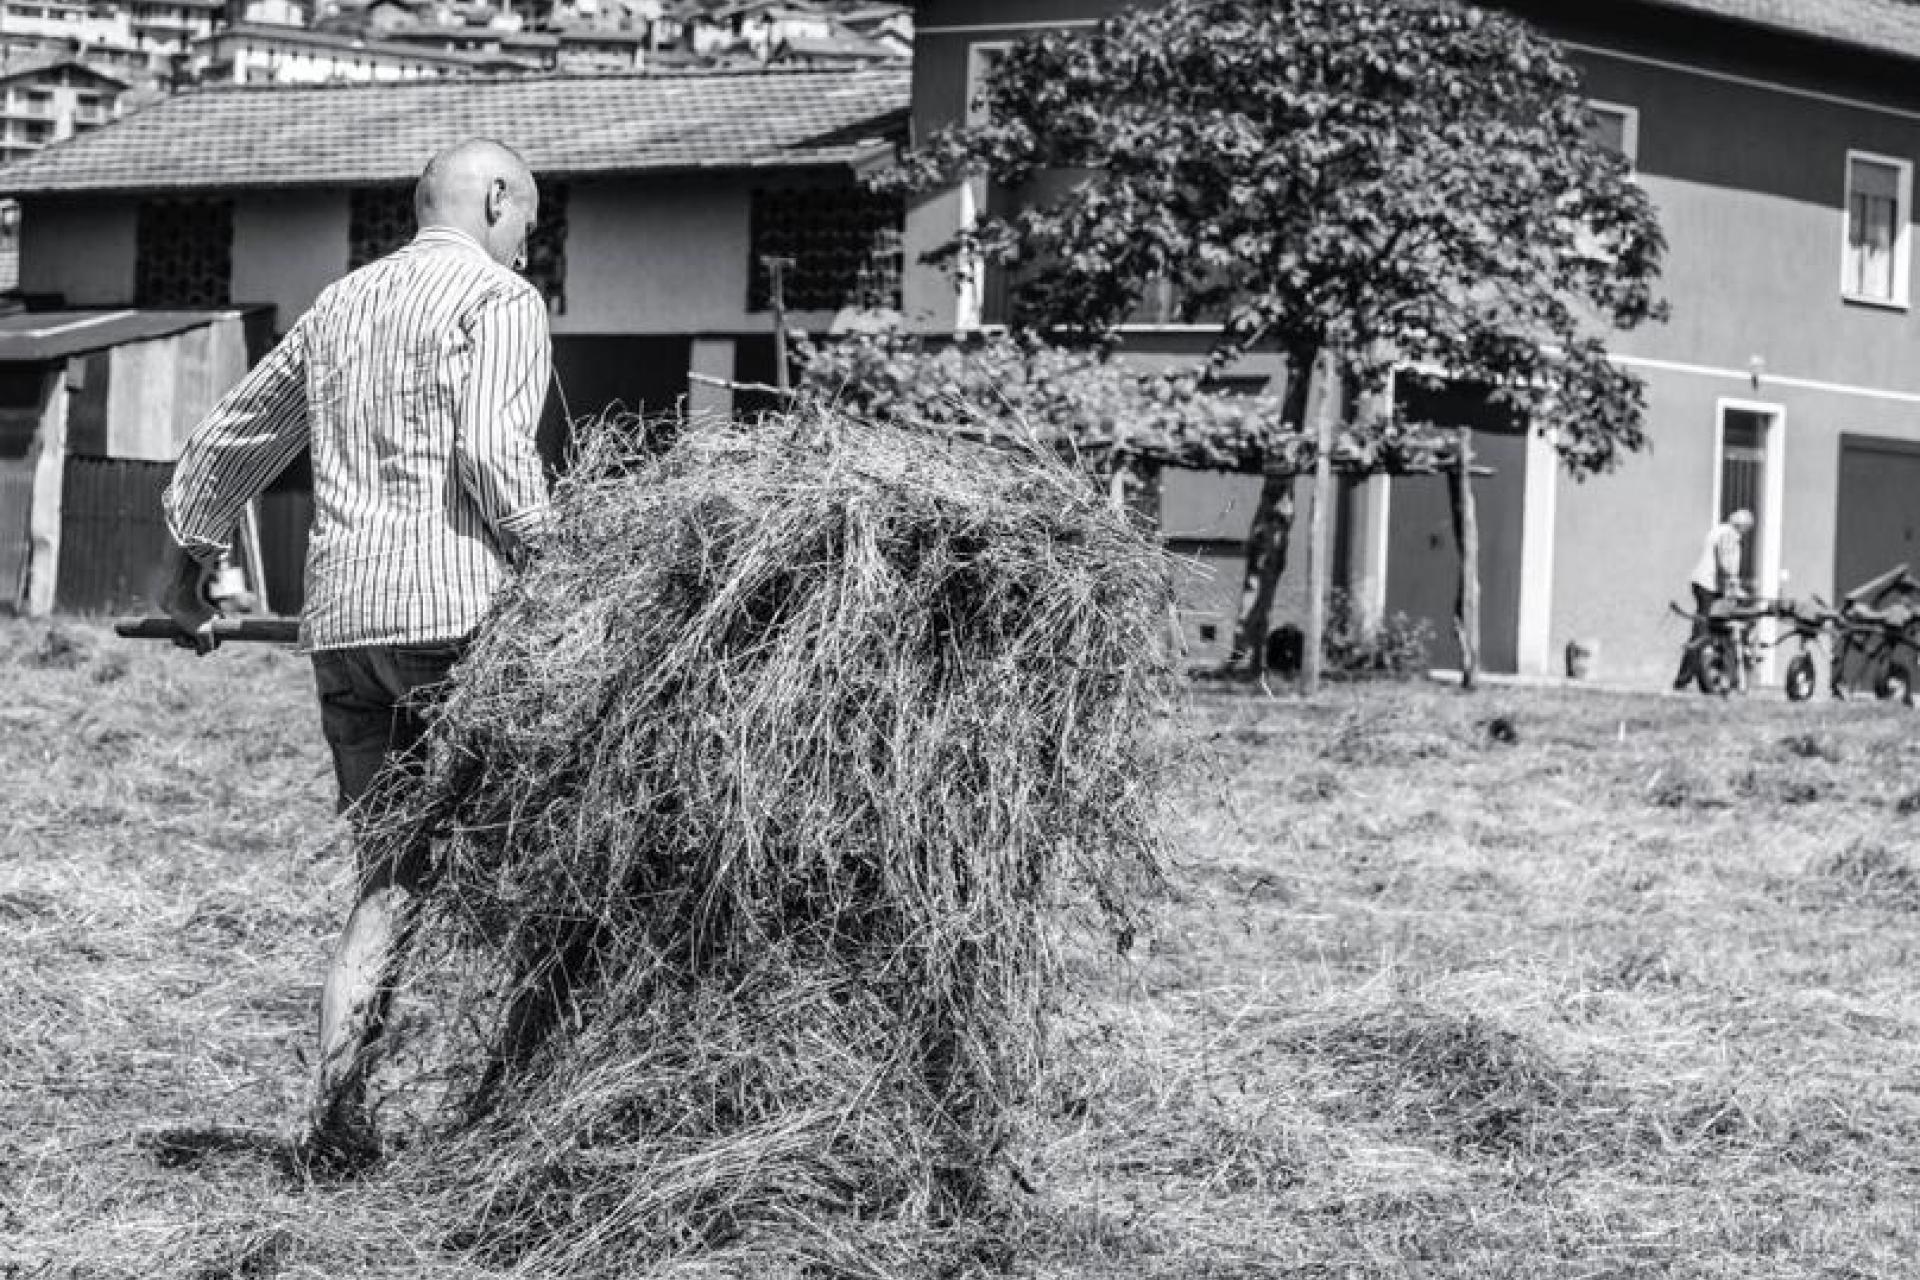 Agriturismo Comomeer en Gardameer Gezellige agriturismo op loopafstand van Comomeer